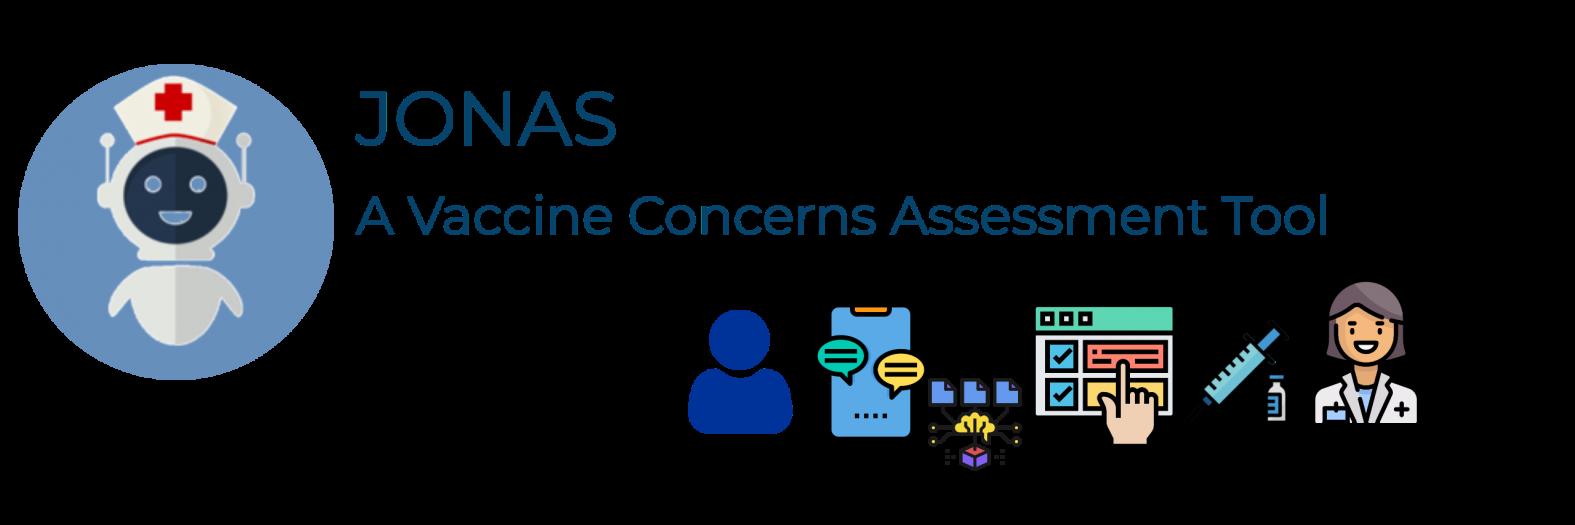 JONAS: A Vaccine Concerns Assessment Tool